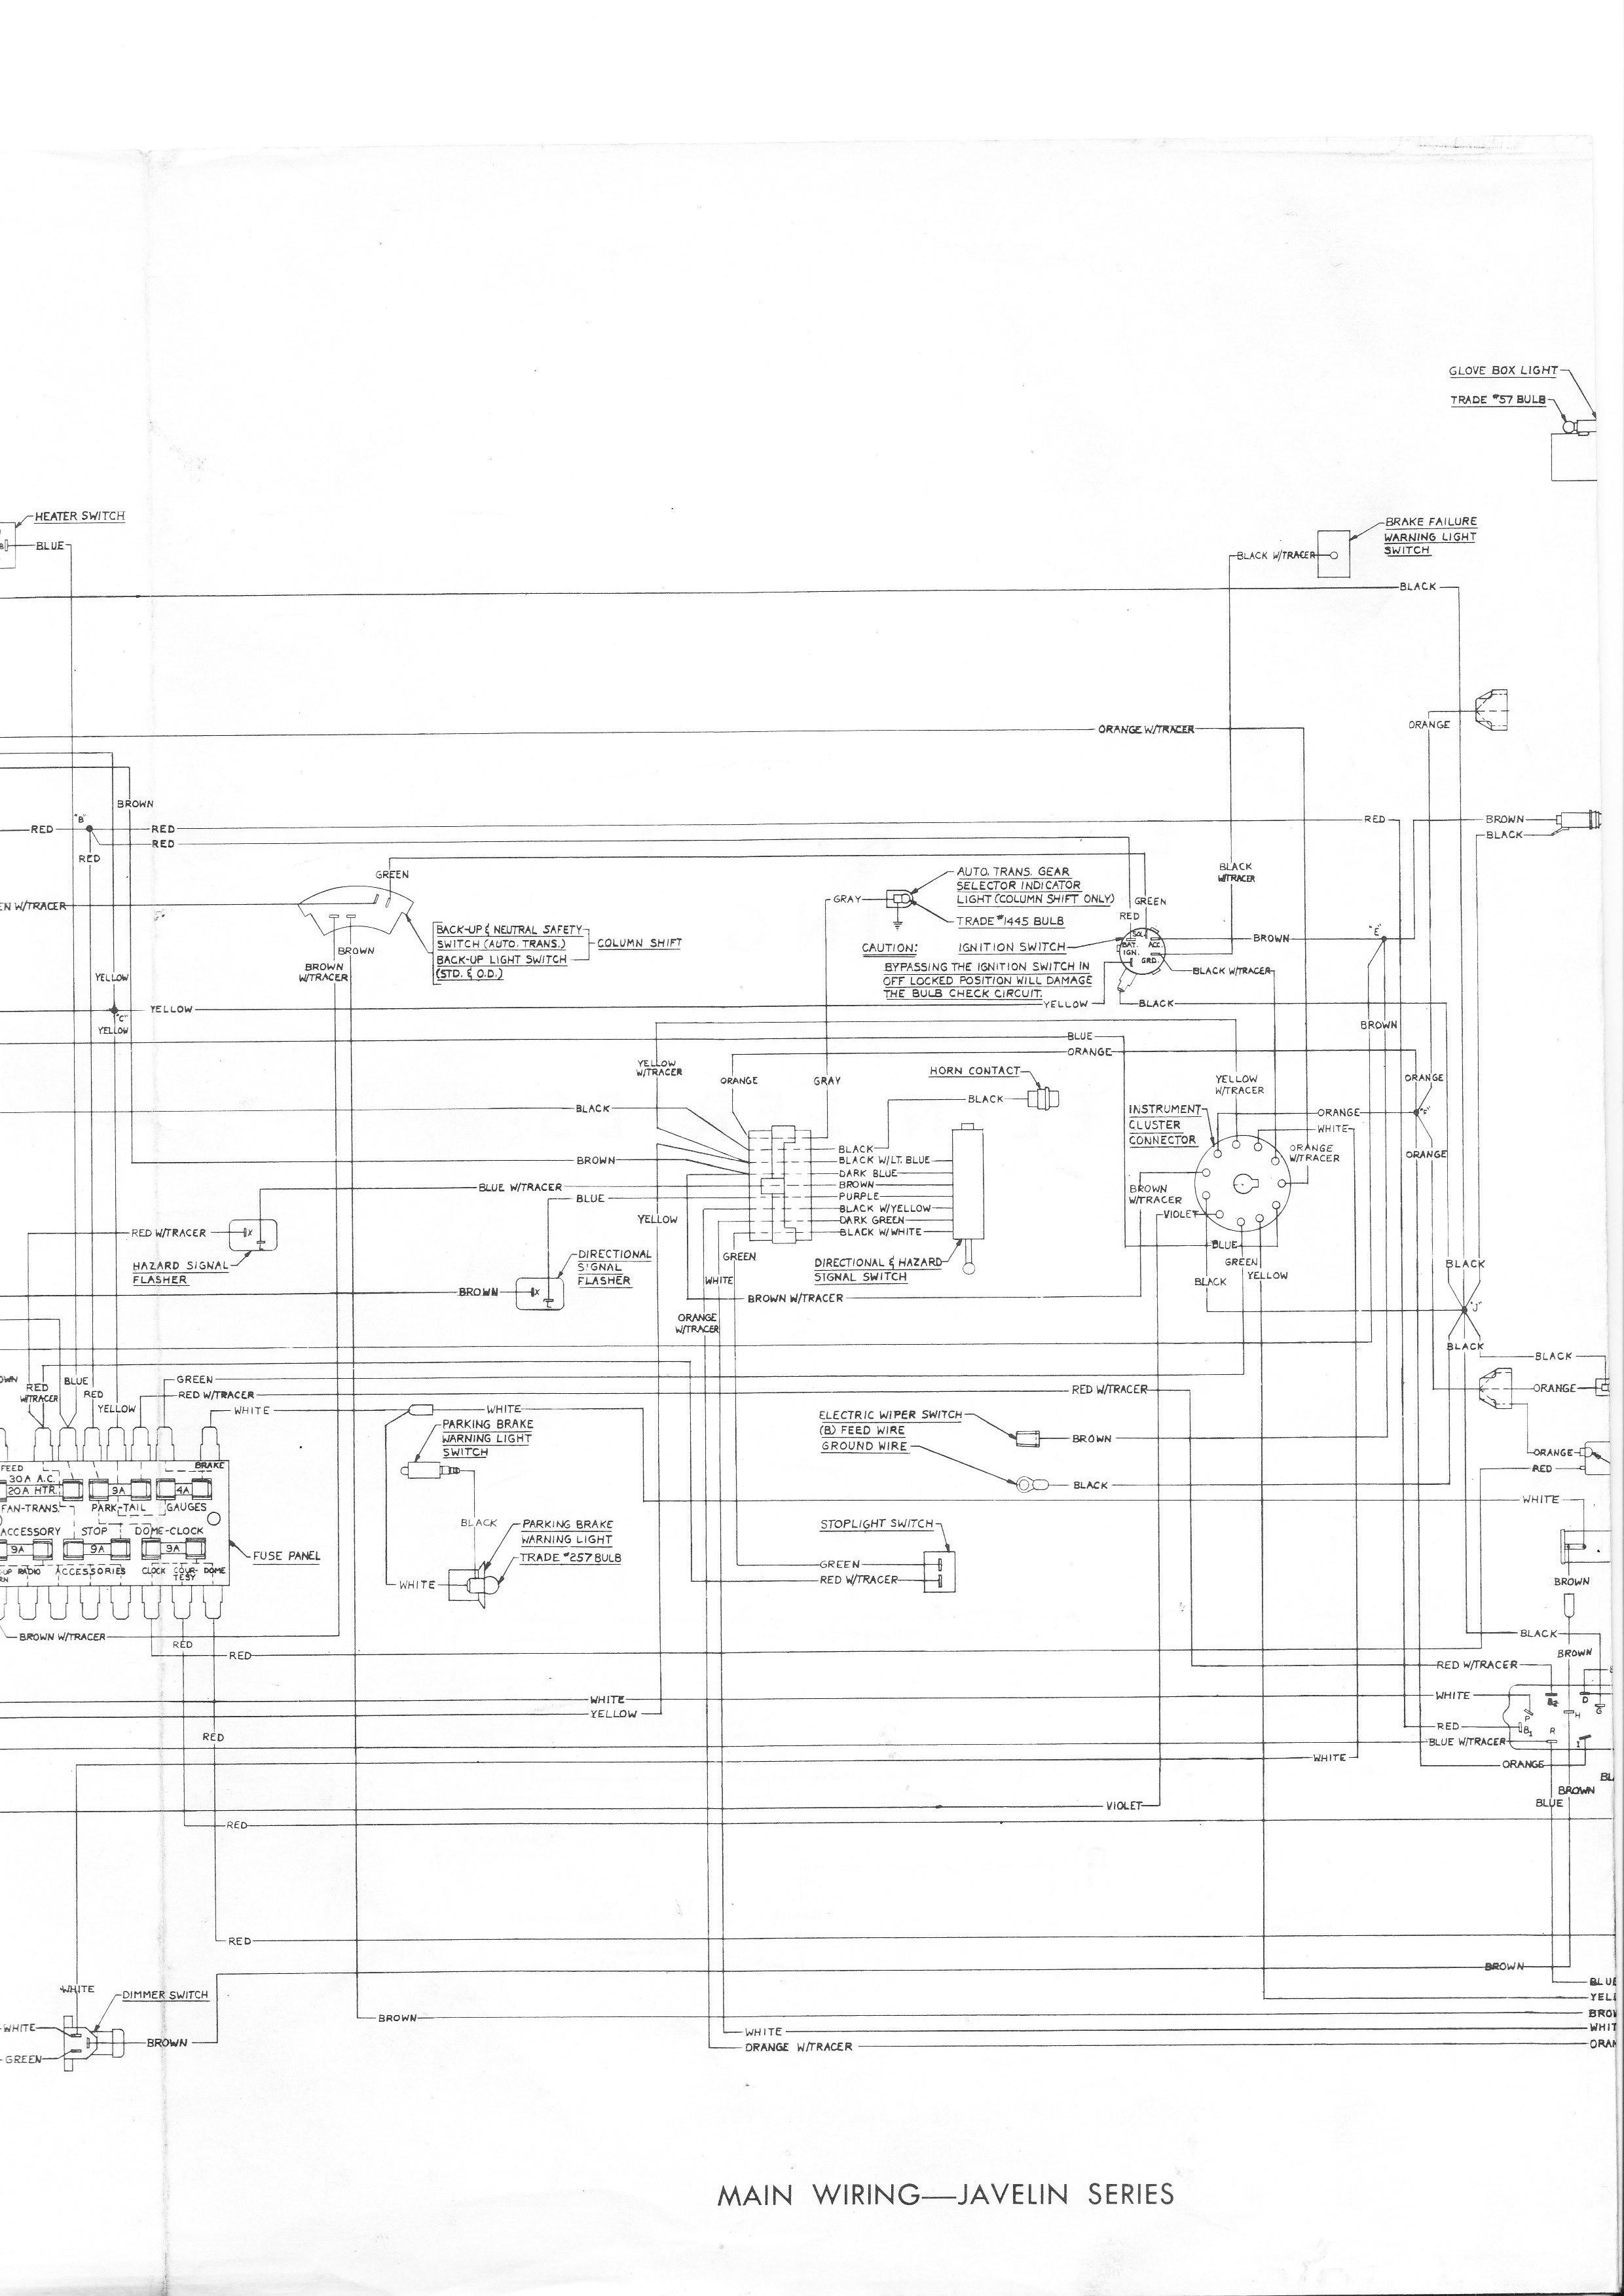 1969 amc javelin wiring diagram wiring diagram fuse box u2022 rh friendsoffido co 1970 AMC Javelin 1974 AMC Javelin